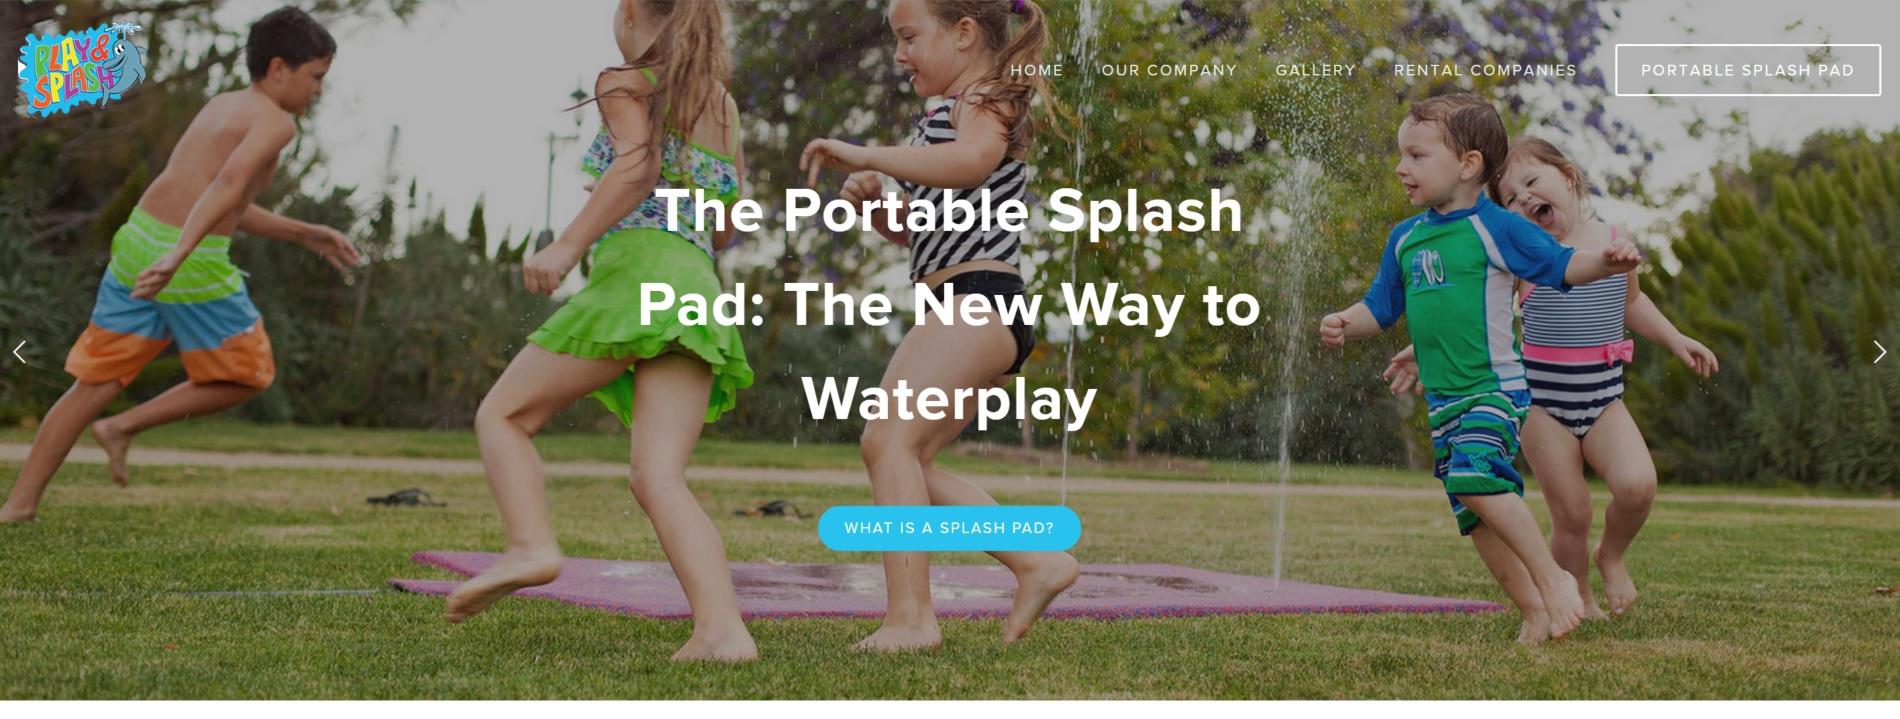 Jason Khoo - Play & Splash Website